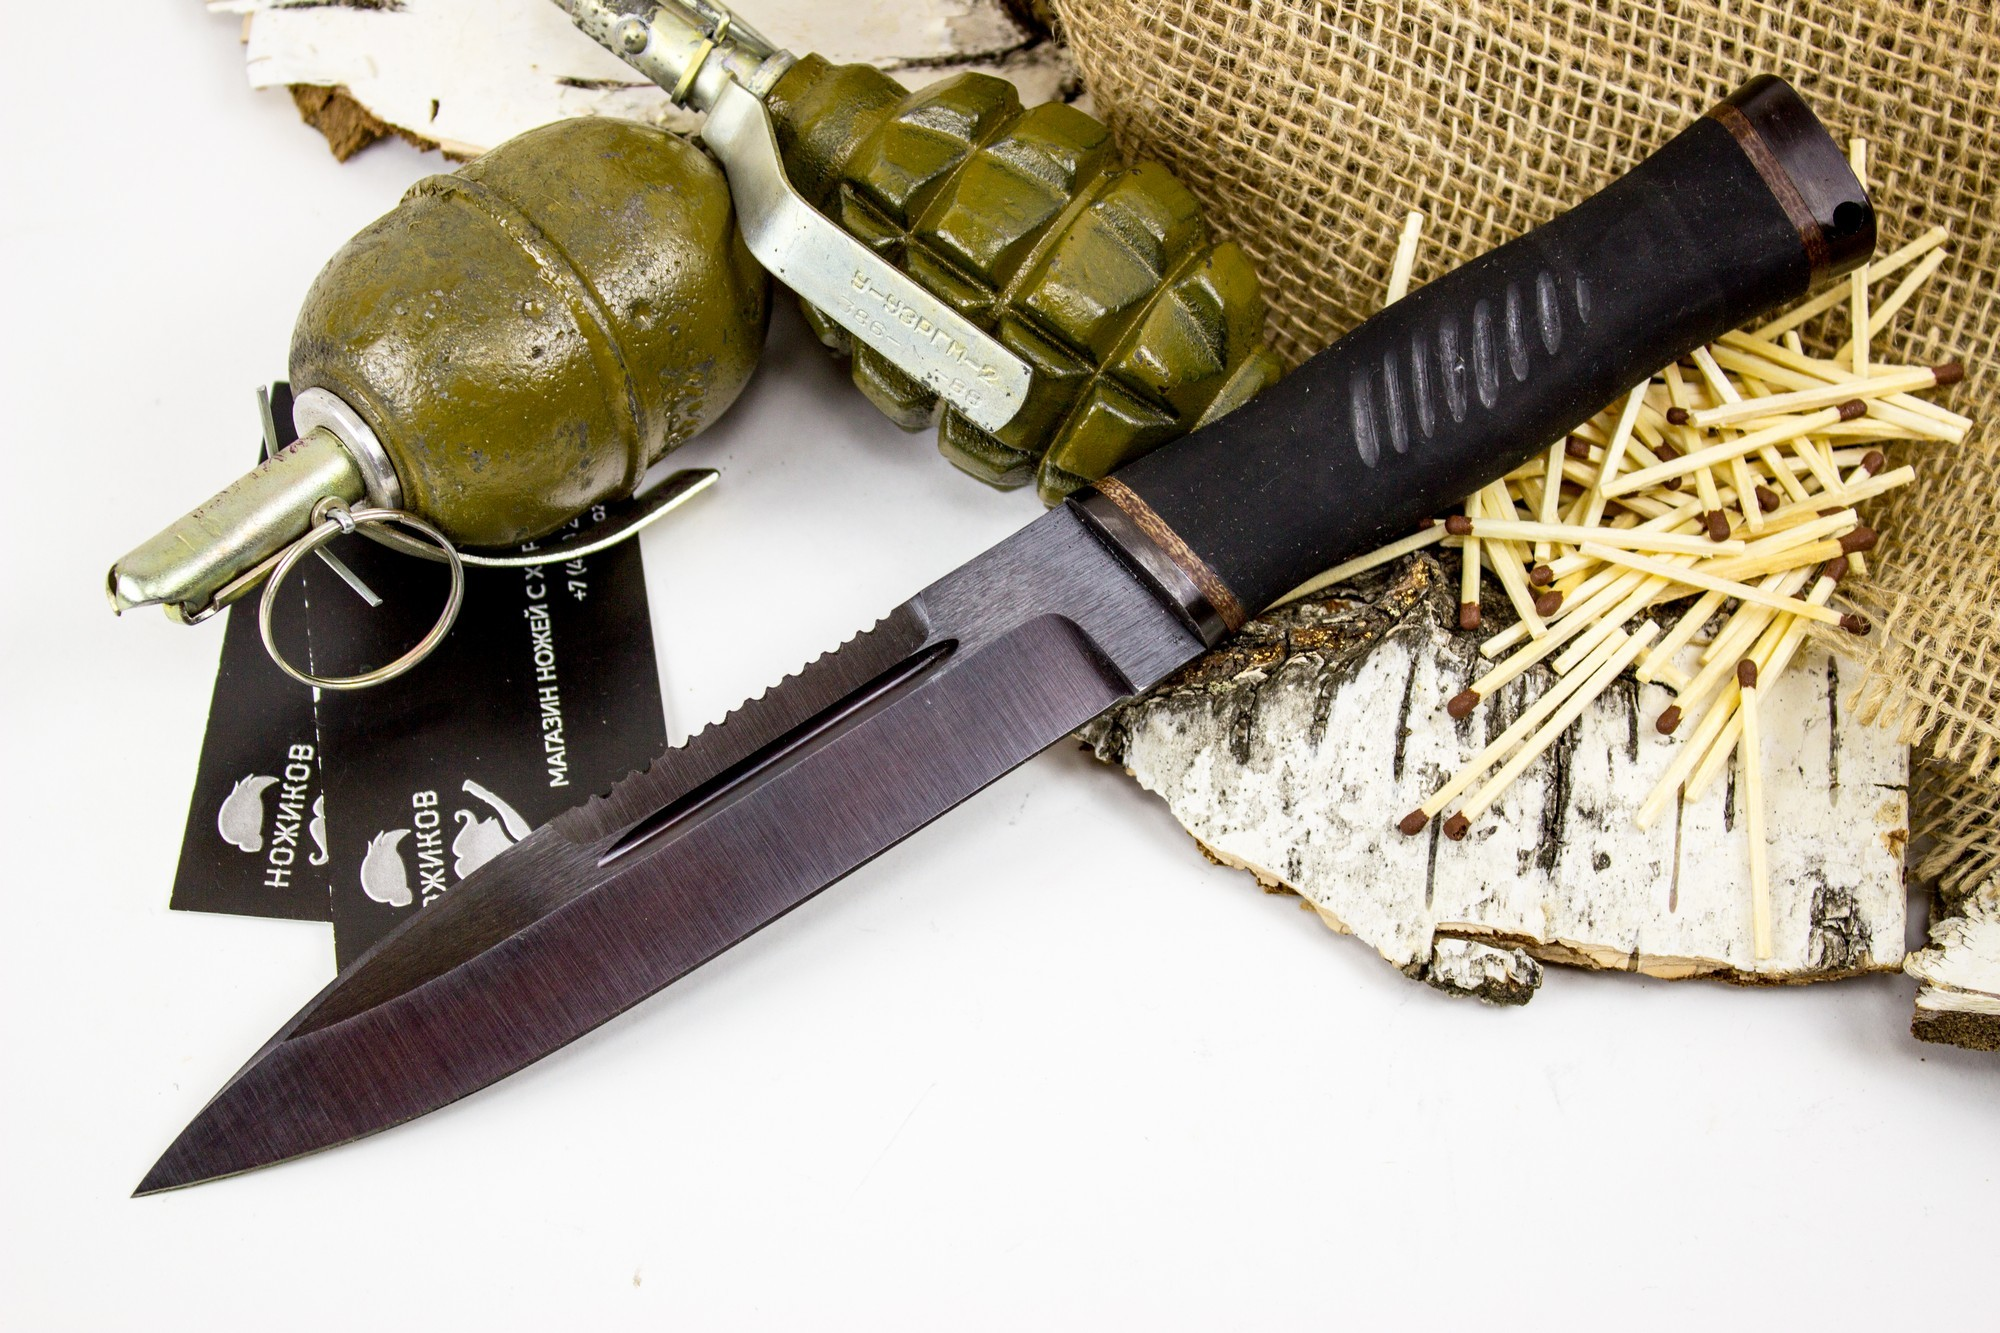 огонь это фото ножей спецназа через месяц